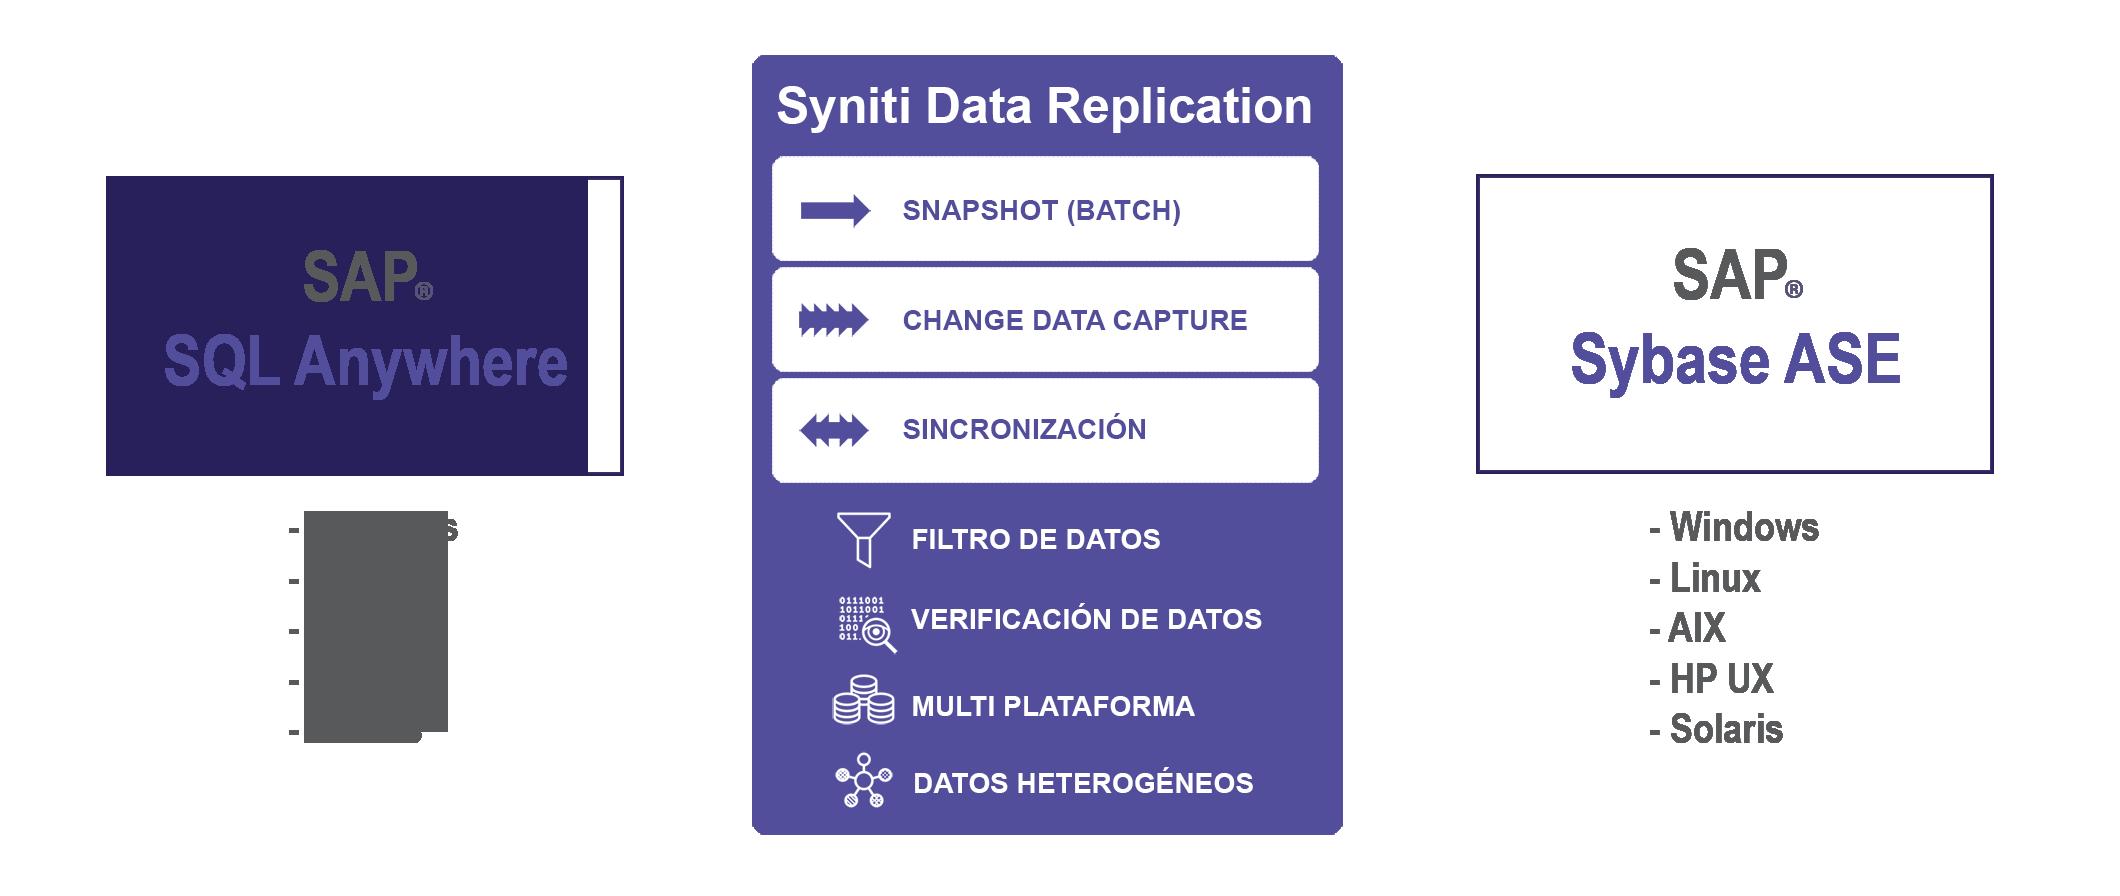 Replicación de datos SQL Anywhere a Sybase en tiempo real